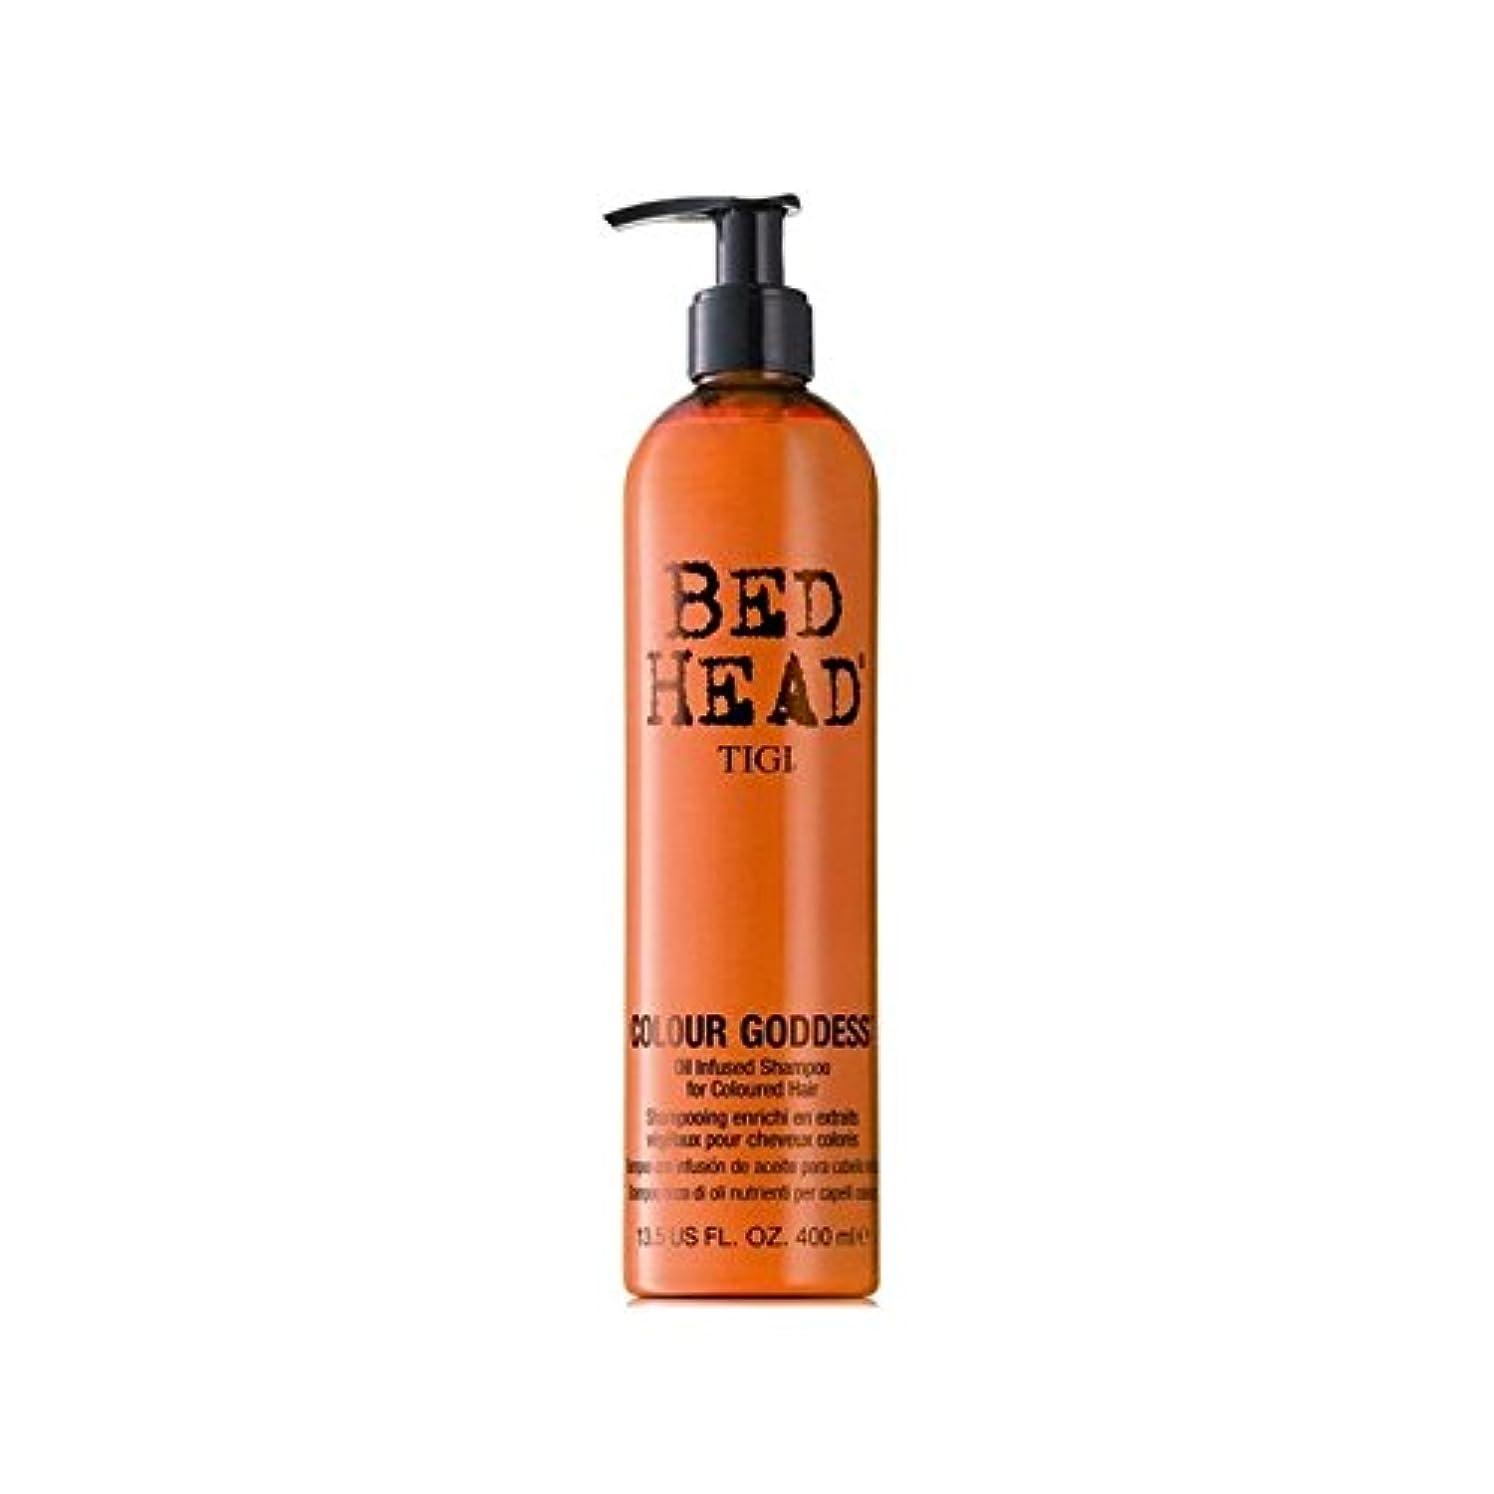 シャー国内のエキスティジーベッドヘッドカラー女神シャンプー(400ミリリットル) x2 - Tigi Bed Head Colour Goddess Shampoo (400ml) (Pack of 2) [並行輸入品]